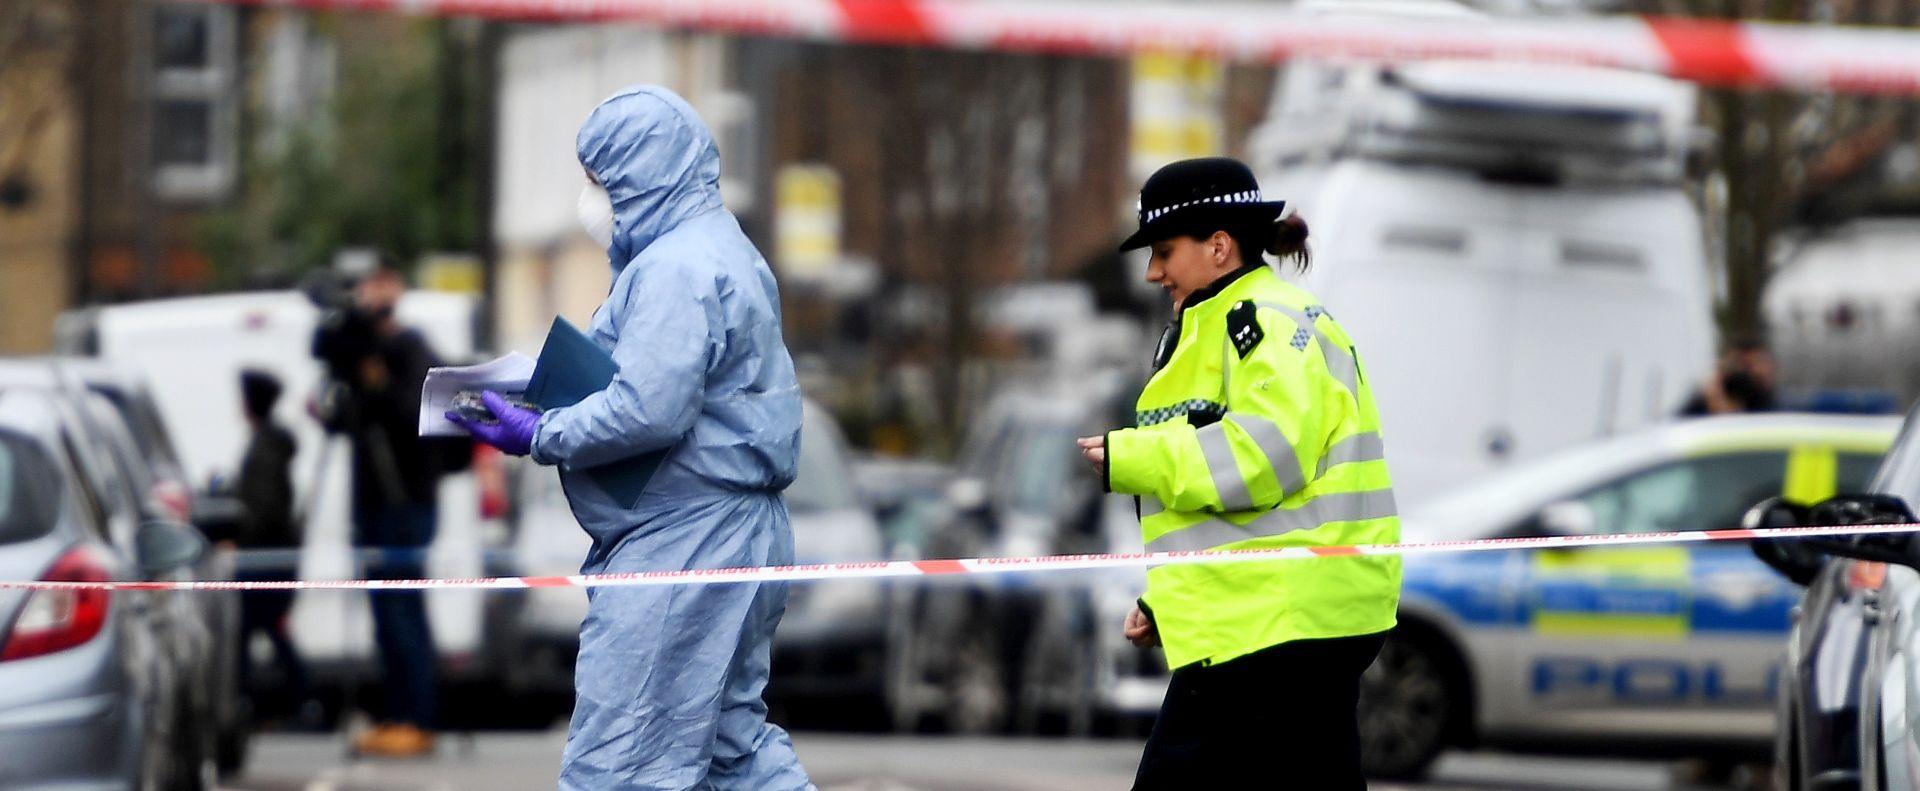 London premašio New York po broju ubojstava u zadnja dva mjeseca